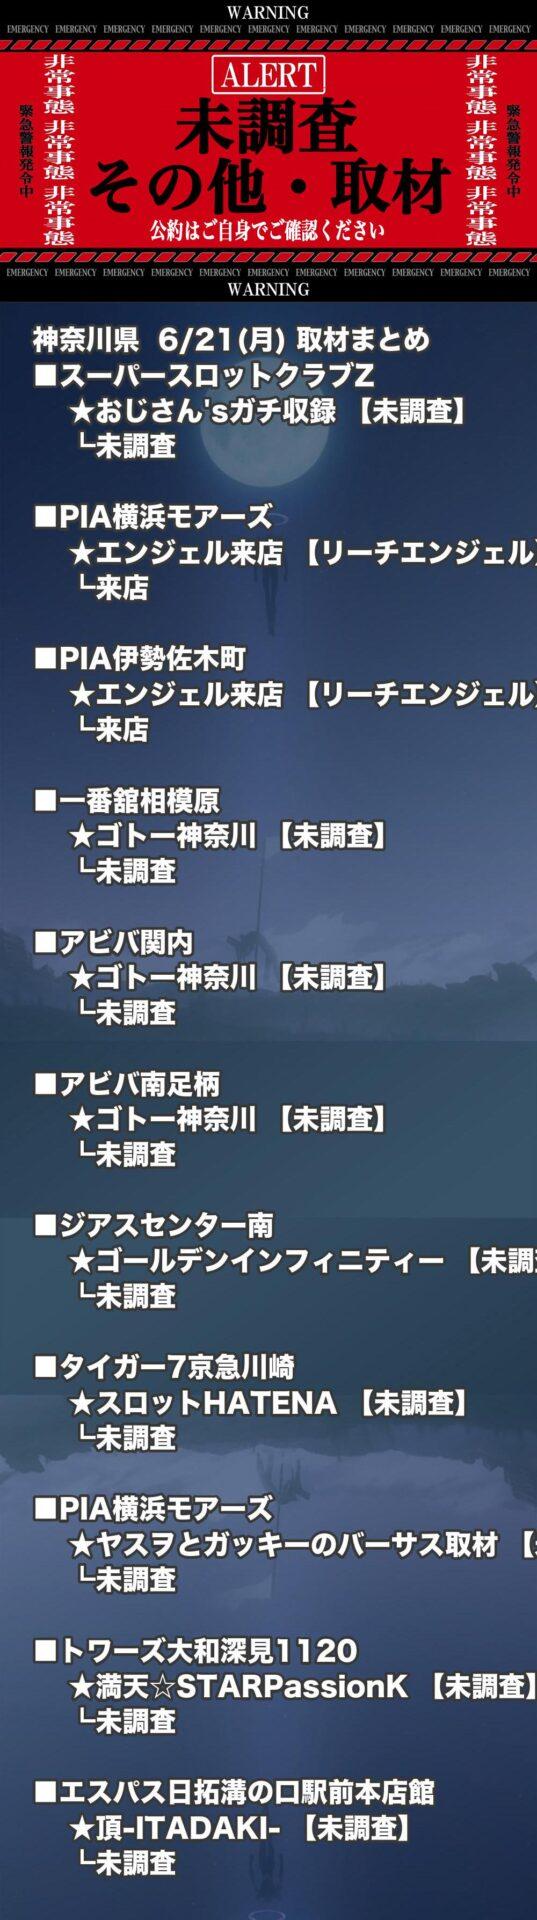 神奈川県_2021-06-21_未調査_パチンコ・パチスロ